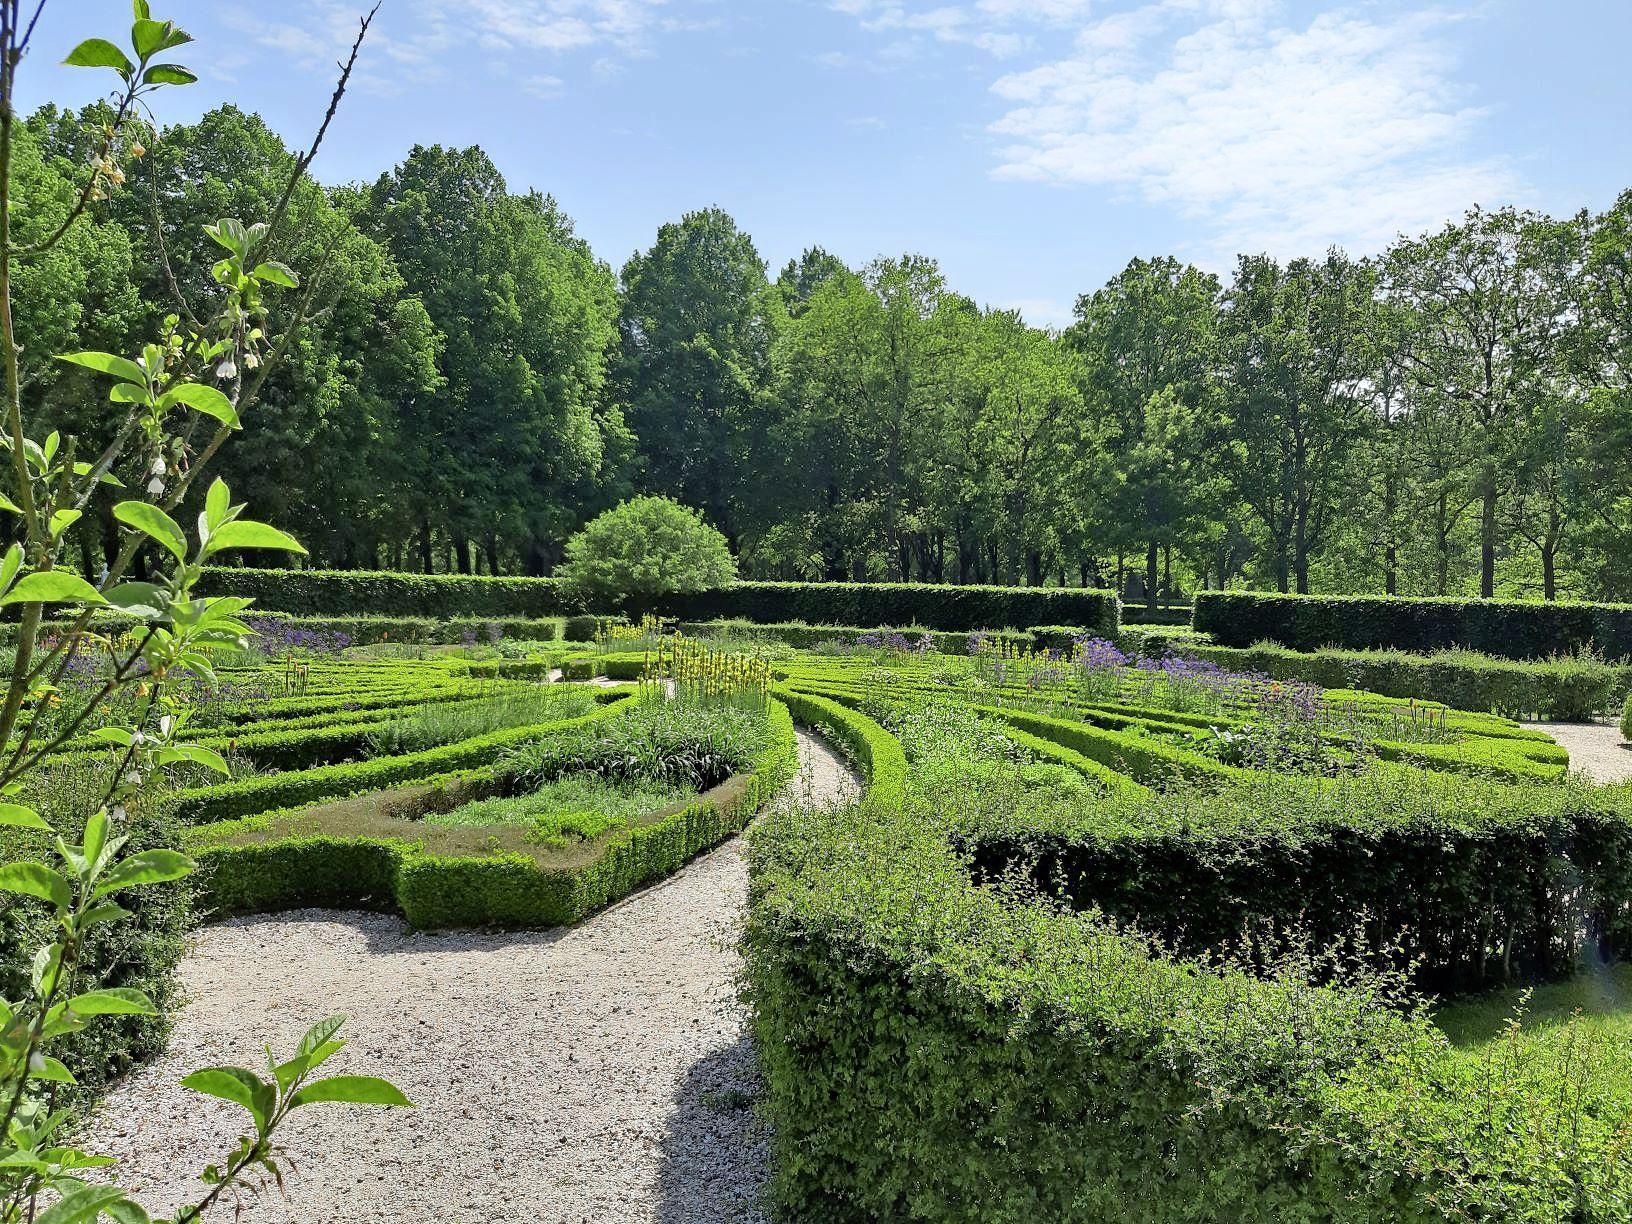 Maandelijkse rondleiding Huis en tuinen Beeckestijn in Velsen-Zuid hervat